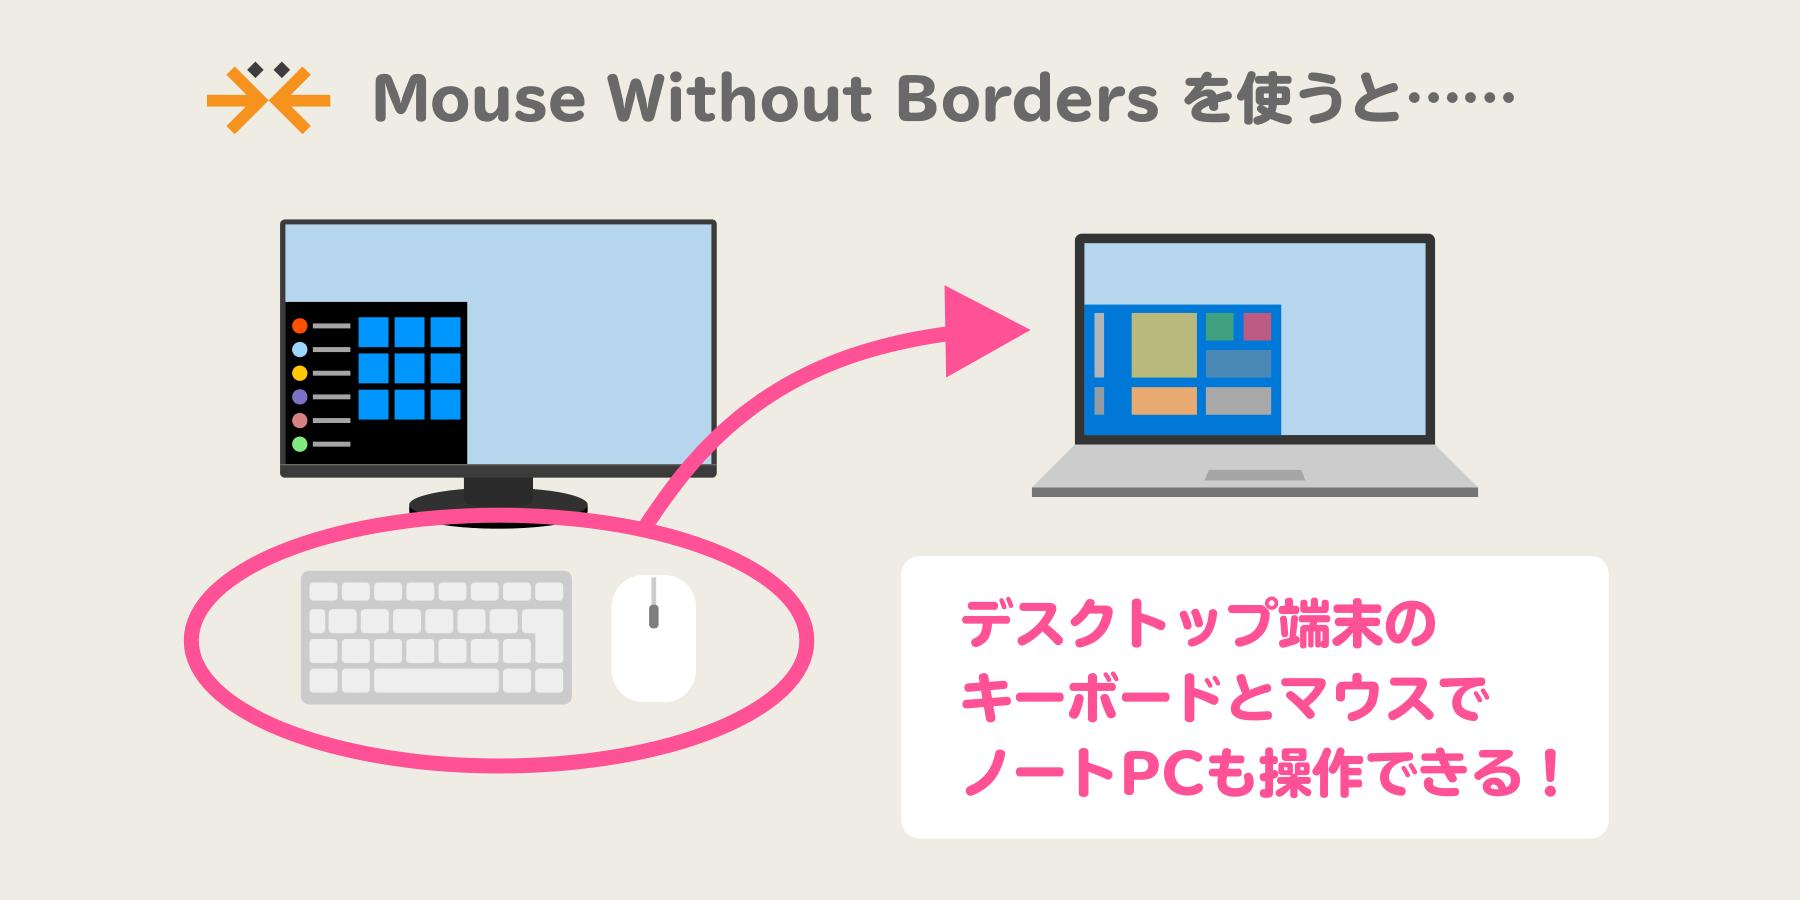 Mouse Without Borders を使うと、デスクトップ端末のキーボードとマウスでノートPCも操作できる!